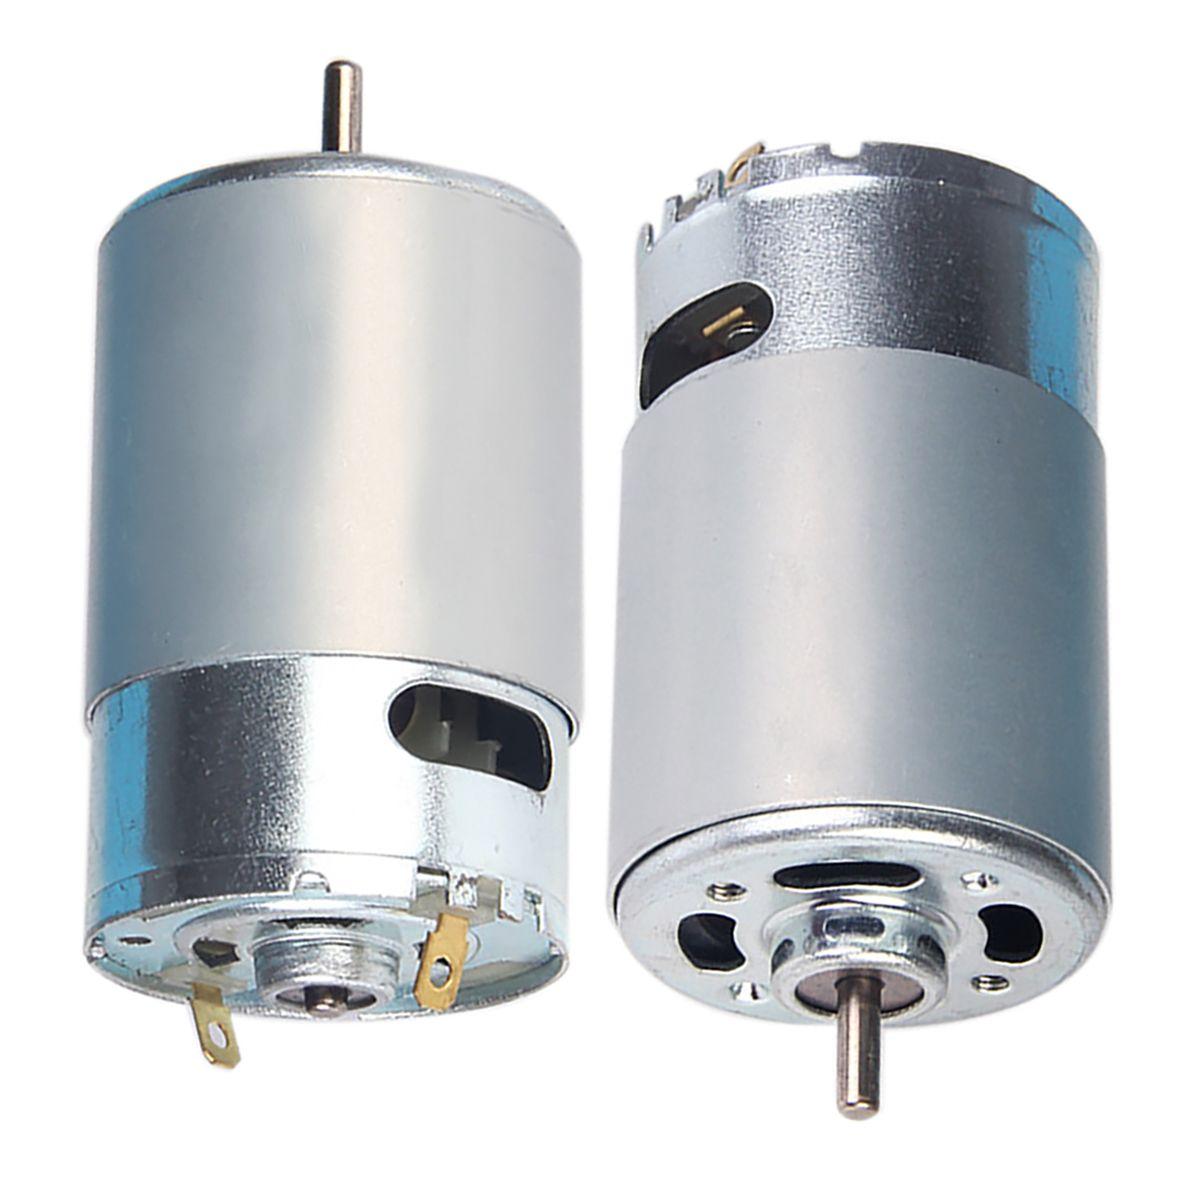 1 PC Stable RS-550 moteur 6-14.4 V Mini moteurs électriques remplacement pour divers tournevis sans fil perceuse à main Mayitr